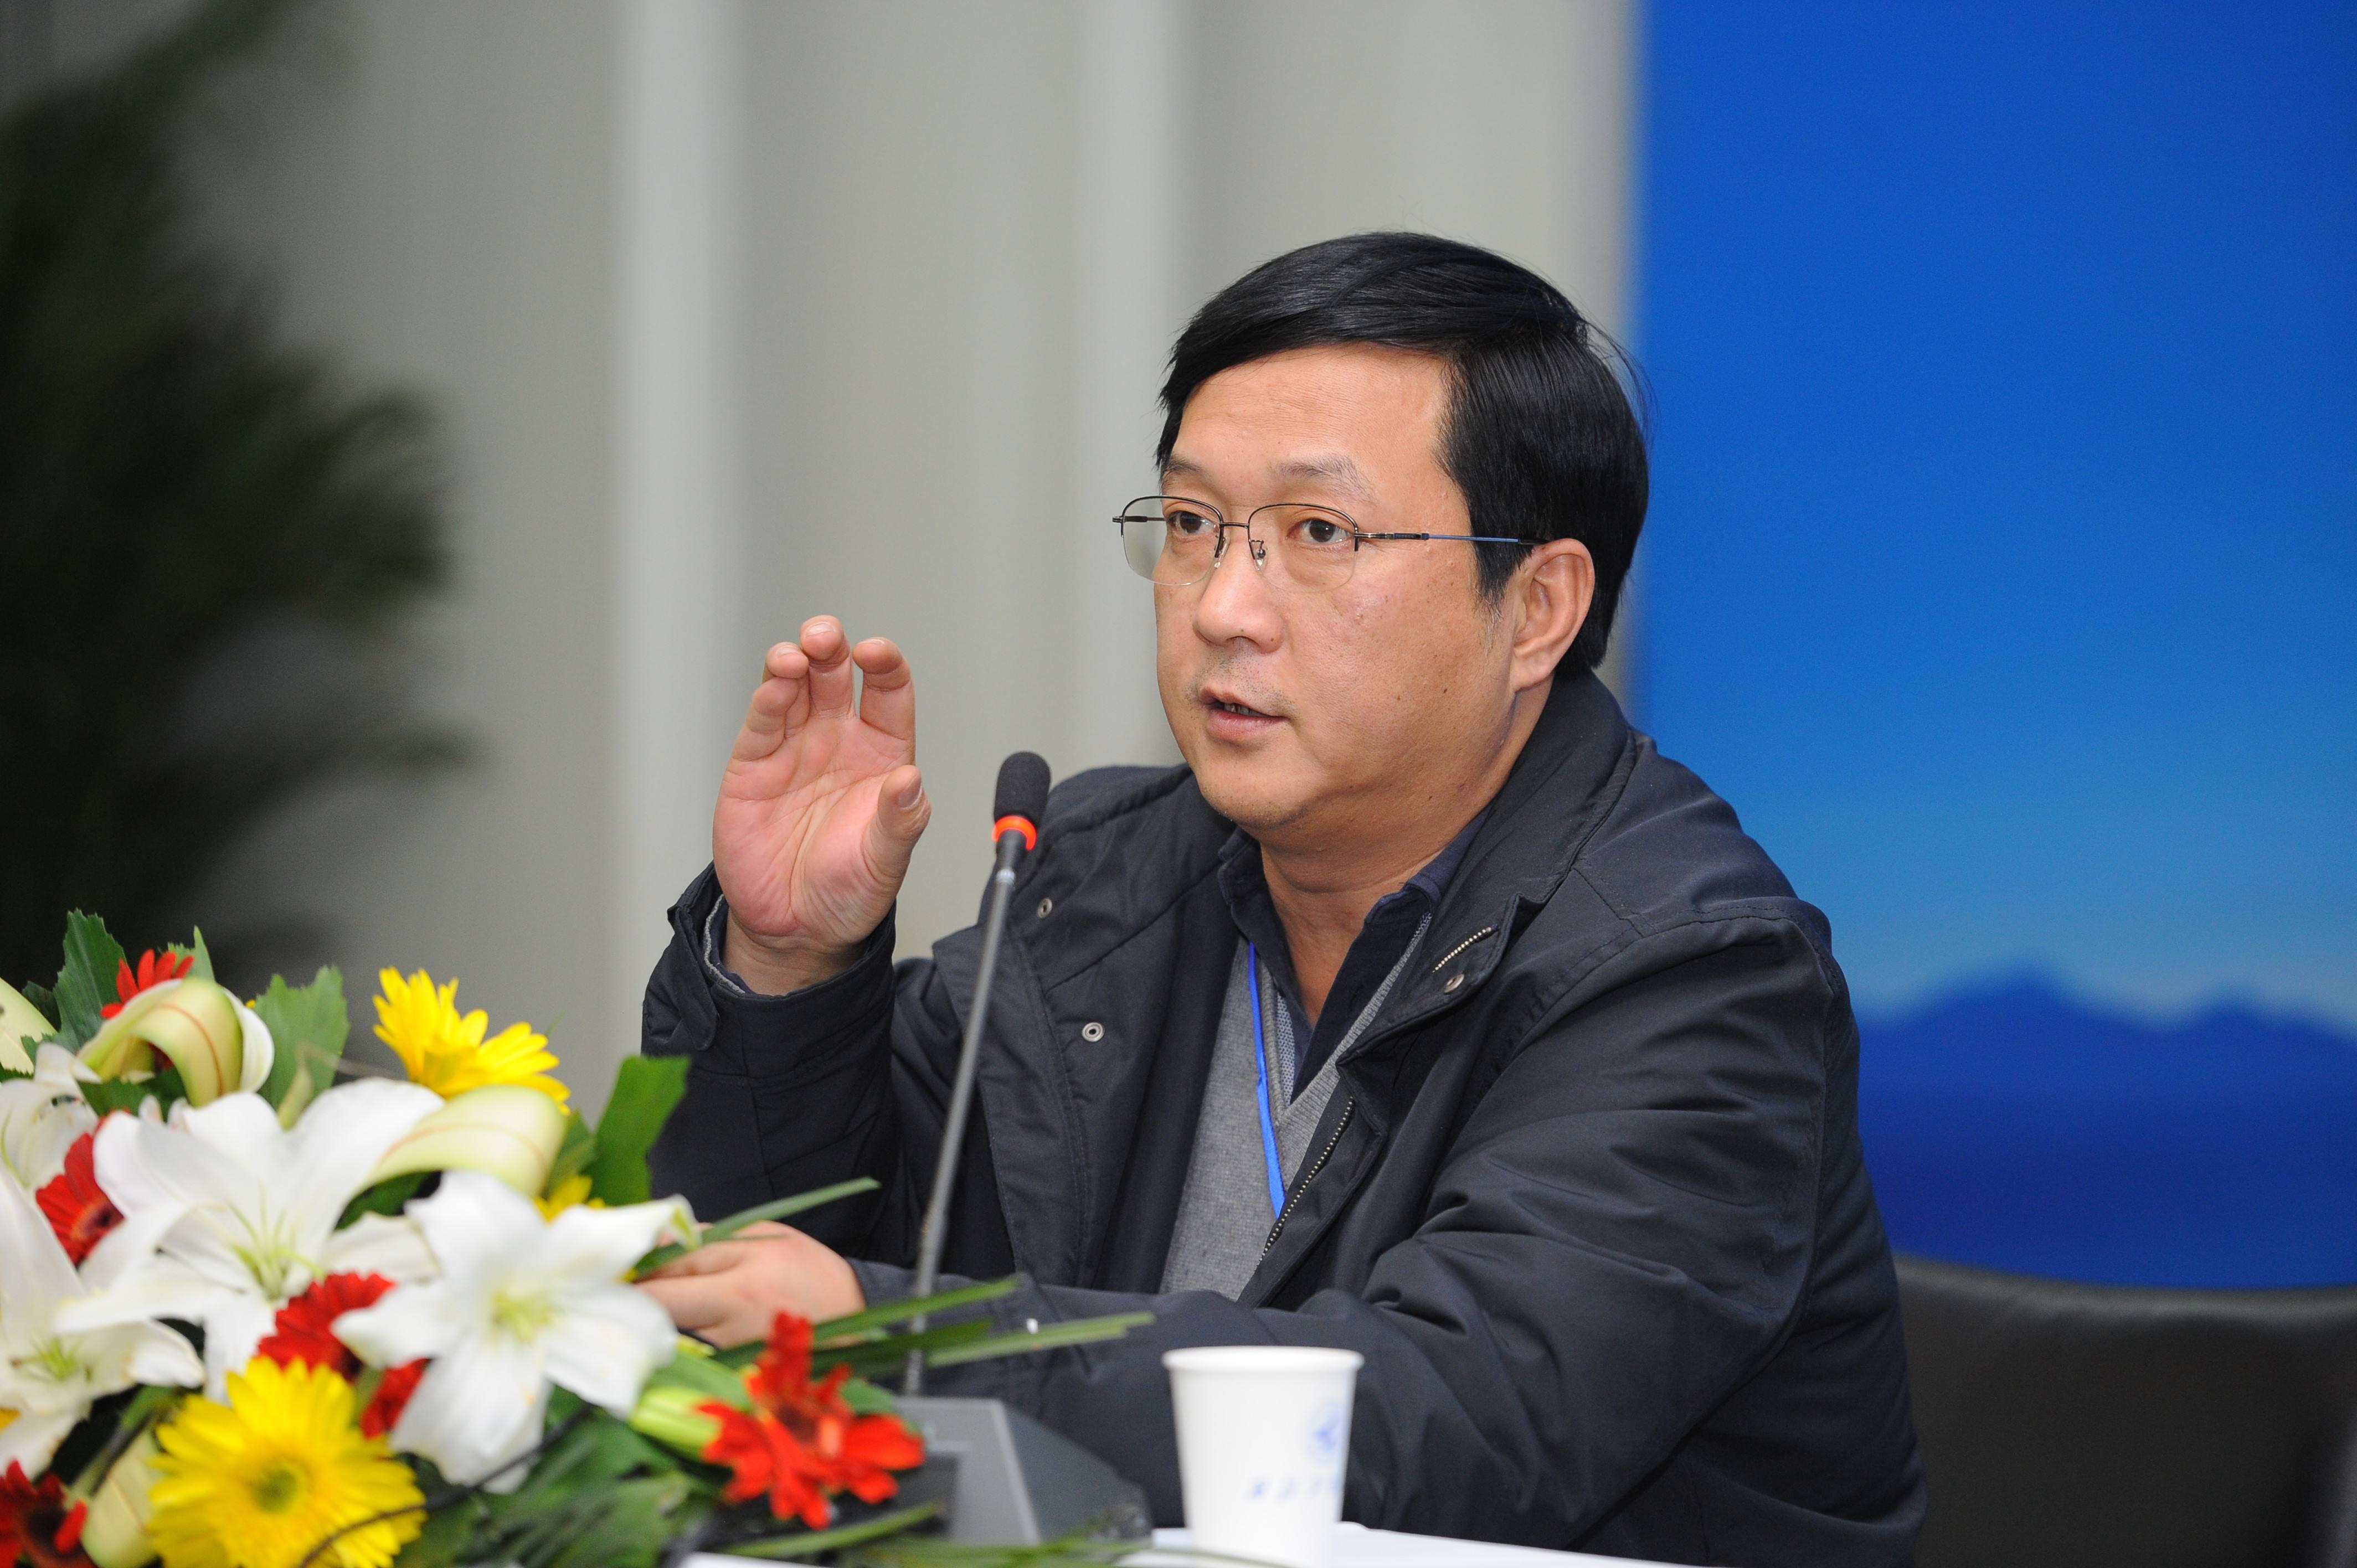 美国人眼里最值钱的5个中国人,既不是马云也不是王健林